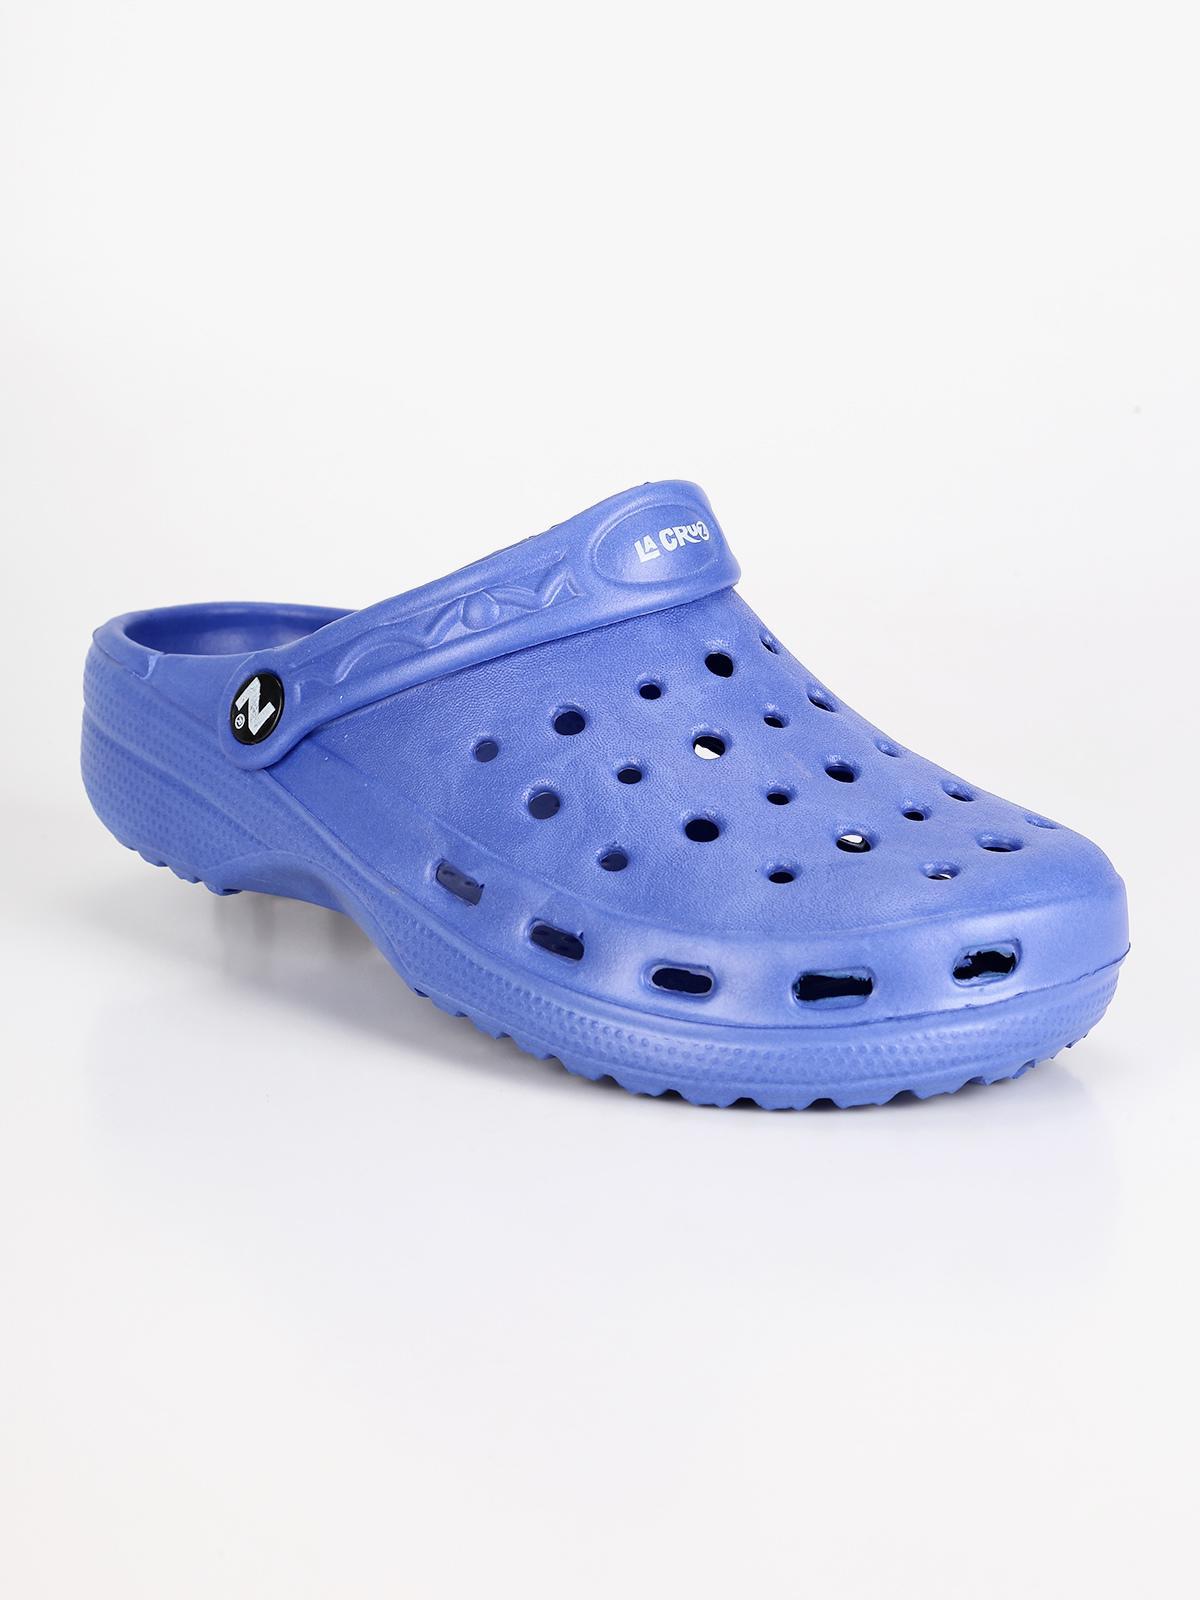 talla 40 2b148 520e0 Zuecos de caucho - azul mujer   MecShopping